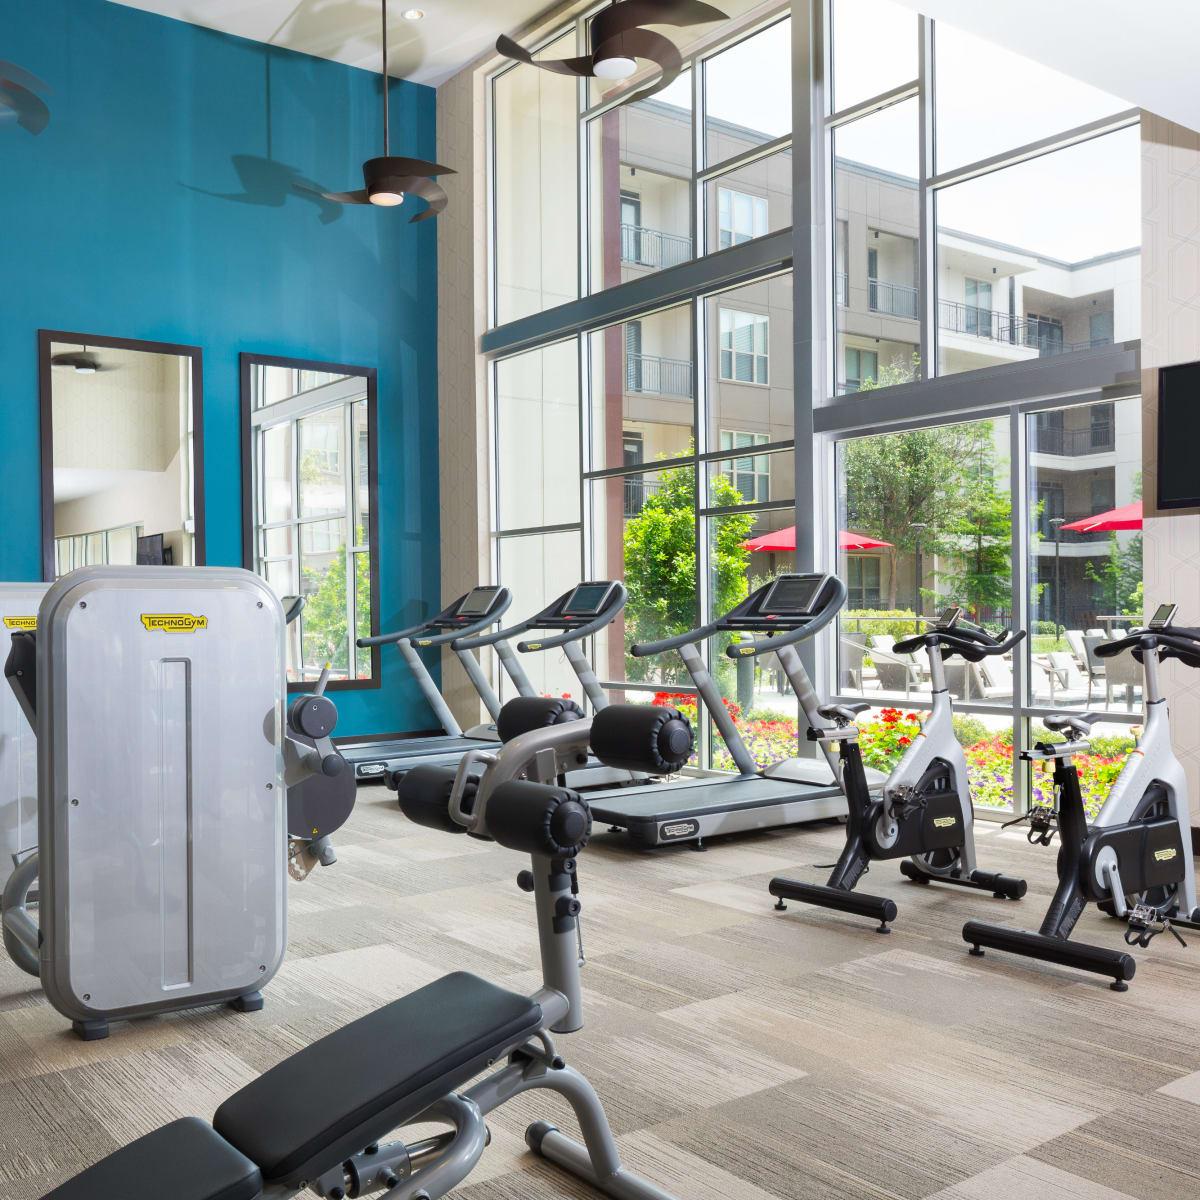 Strata Dallas fitness room